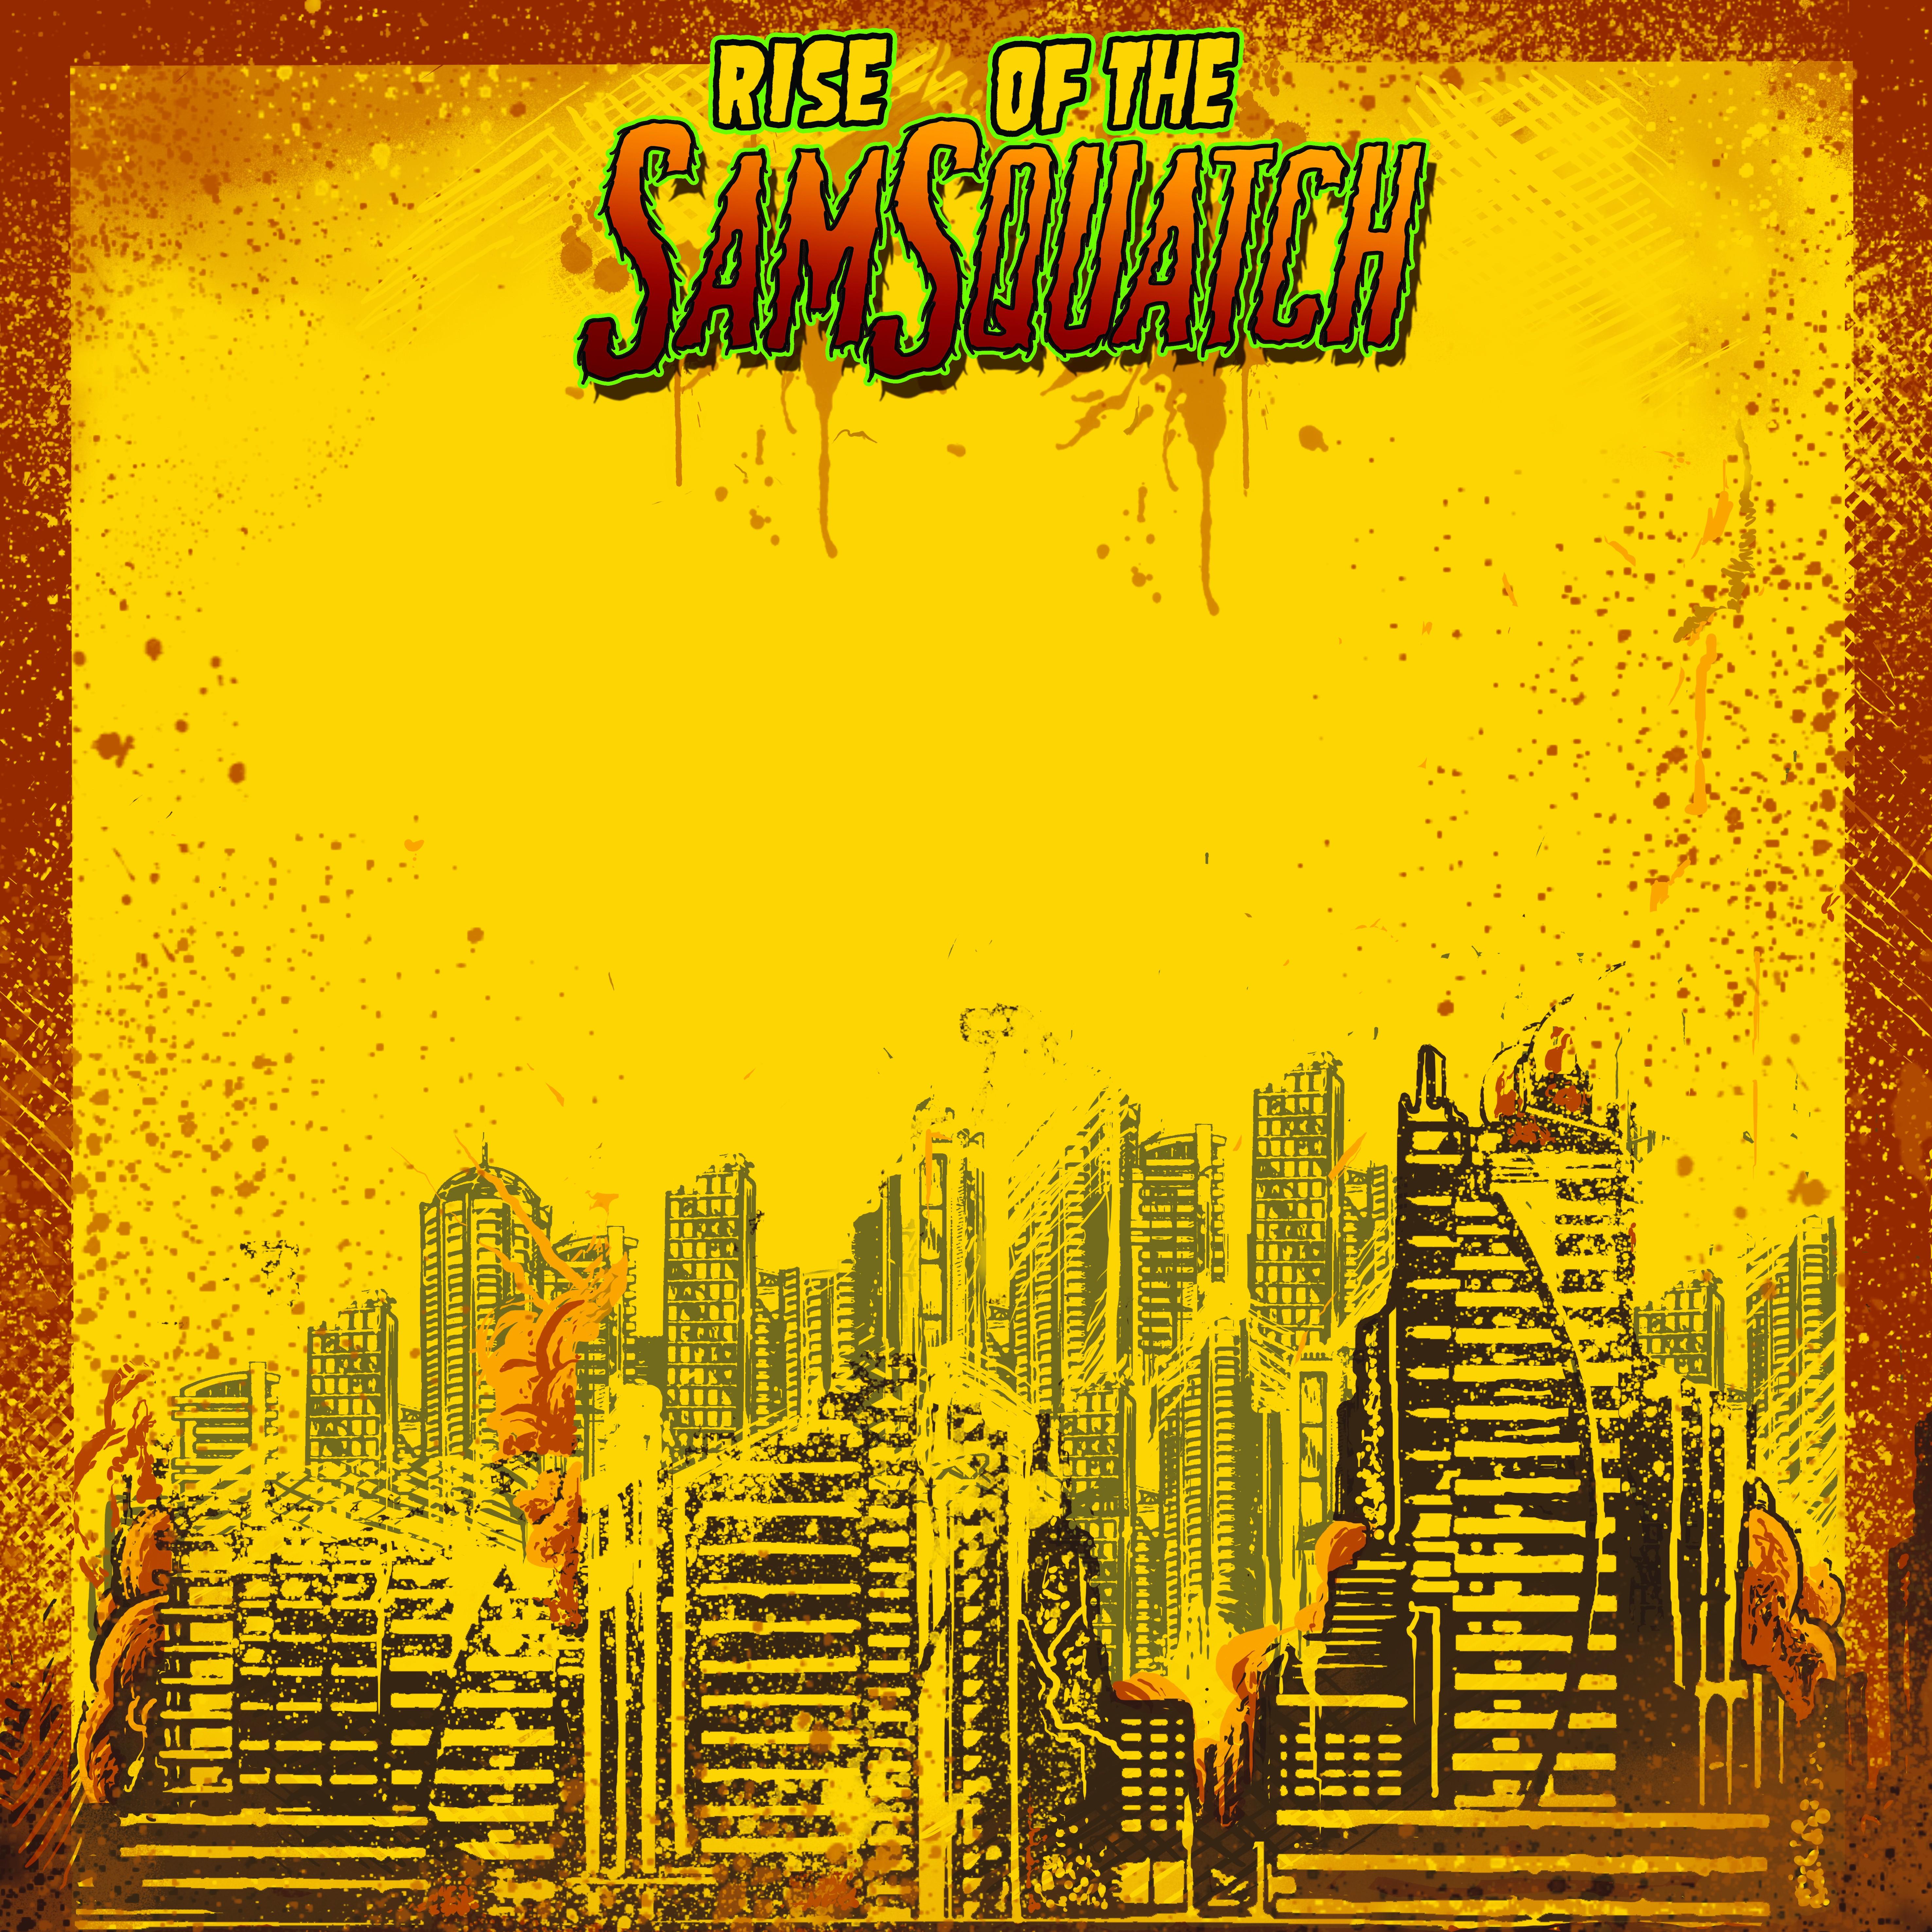 Create a monster movie poster for Samsquatch's next CD album artwork!